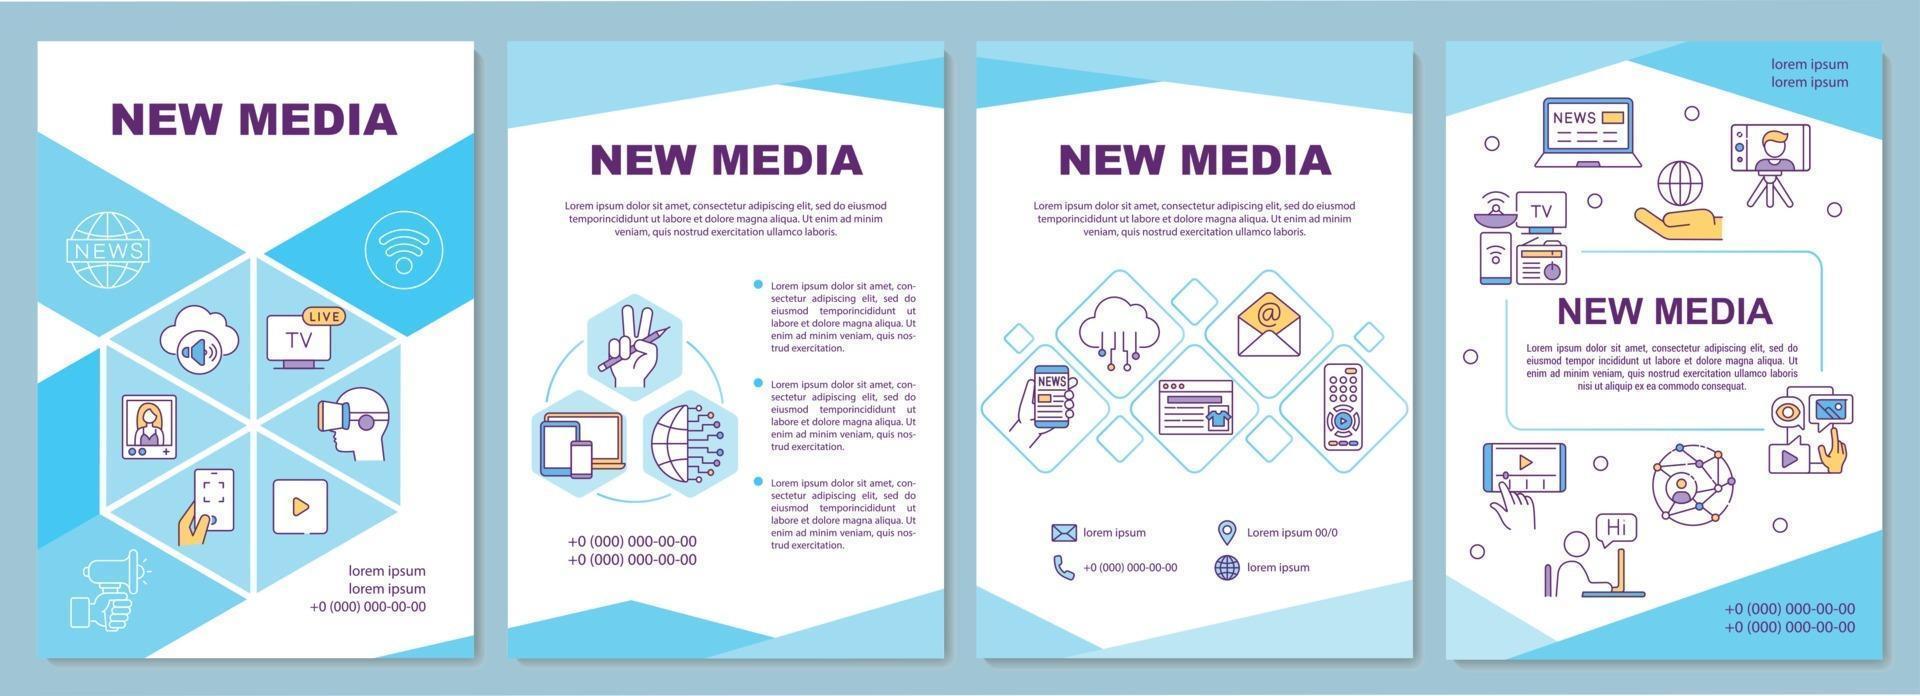 nieuwe media brochure sjabloon vector